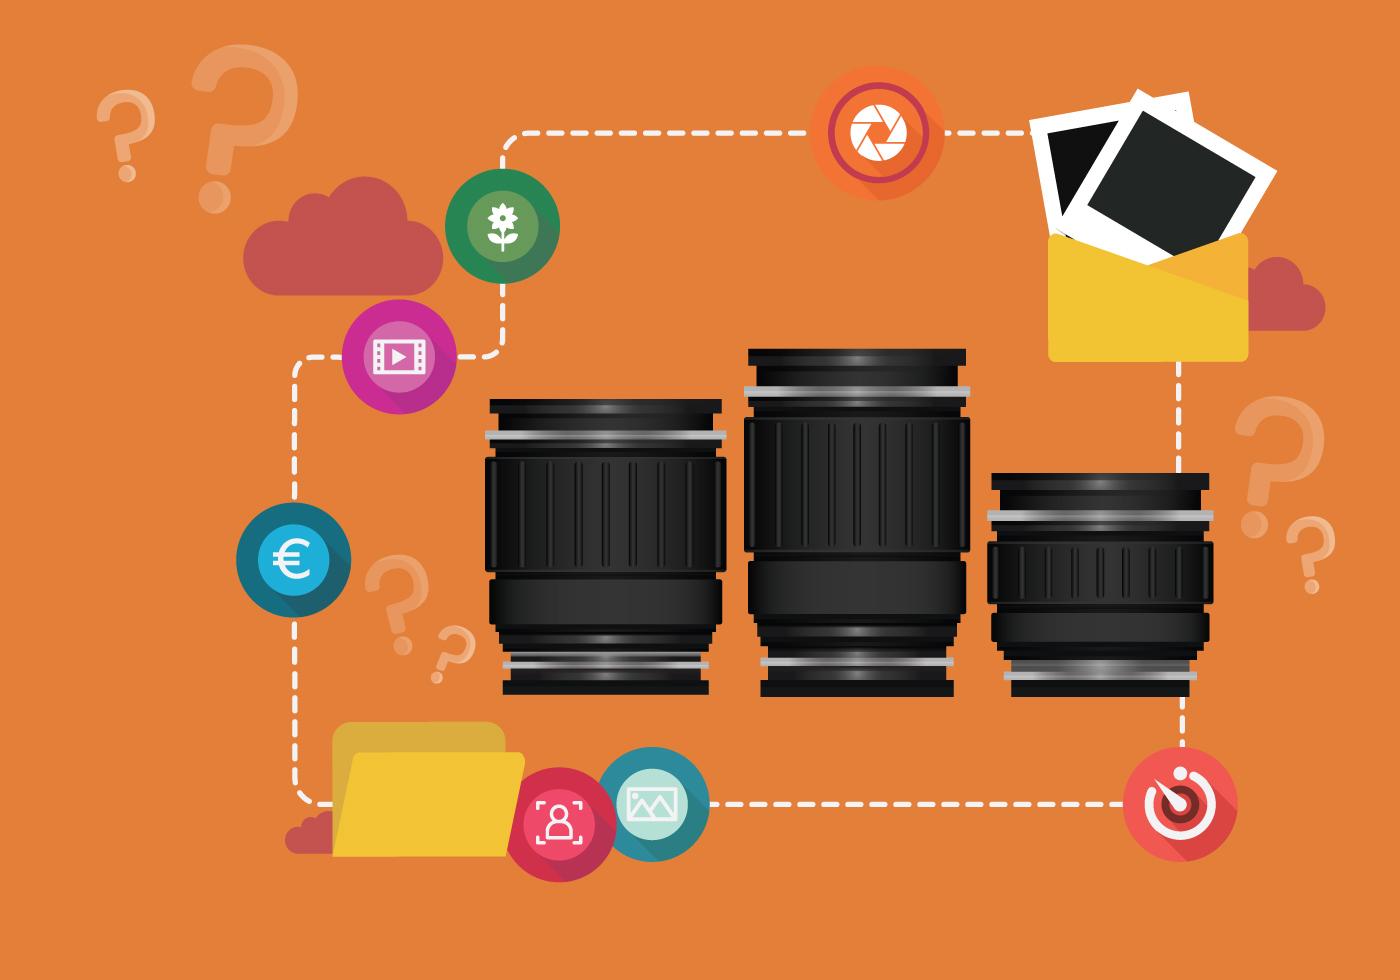 Come scegliere l'obiettivo giusto per la tua fotocamera thumbnail